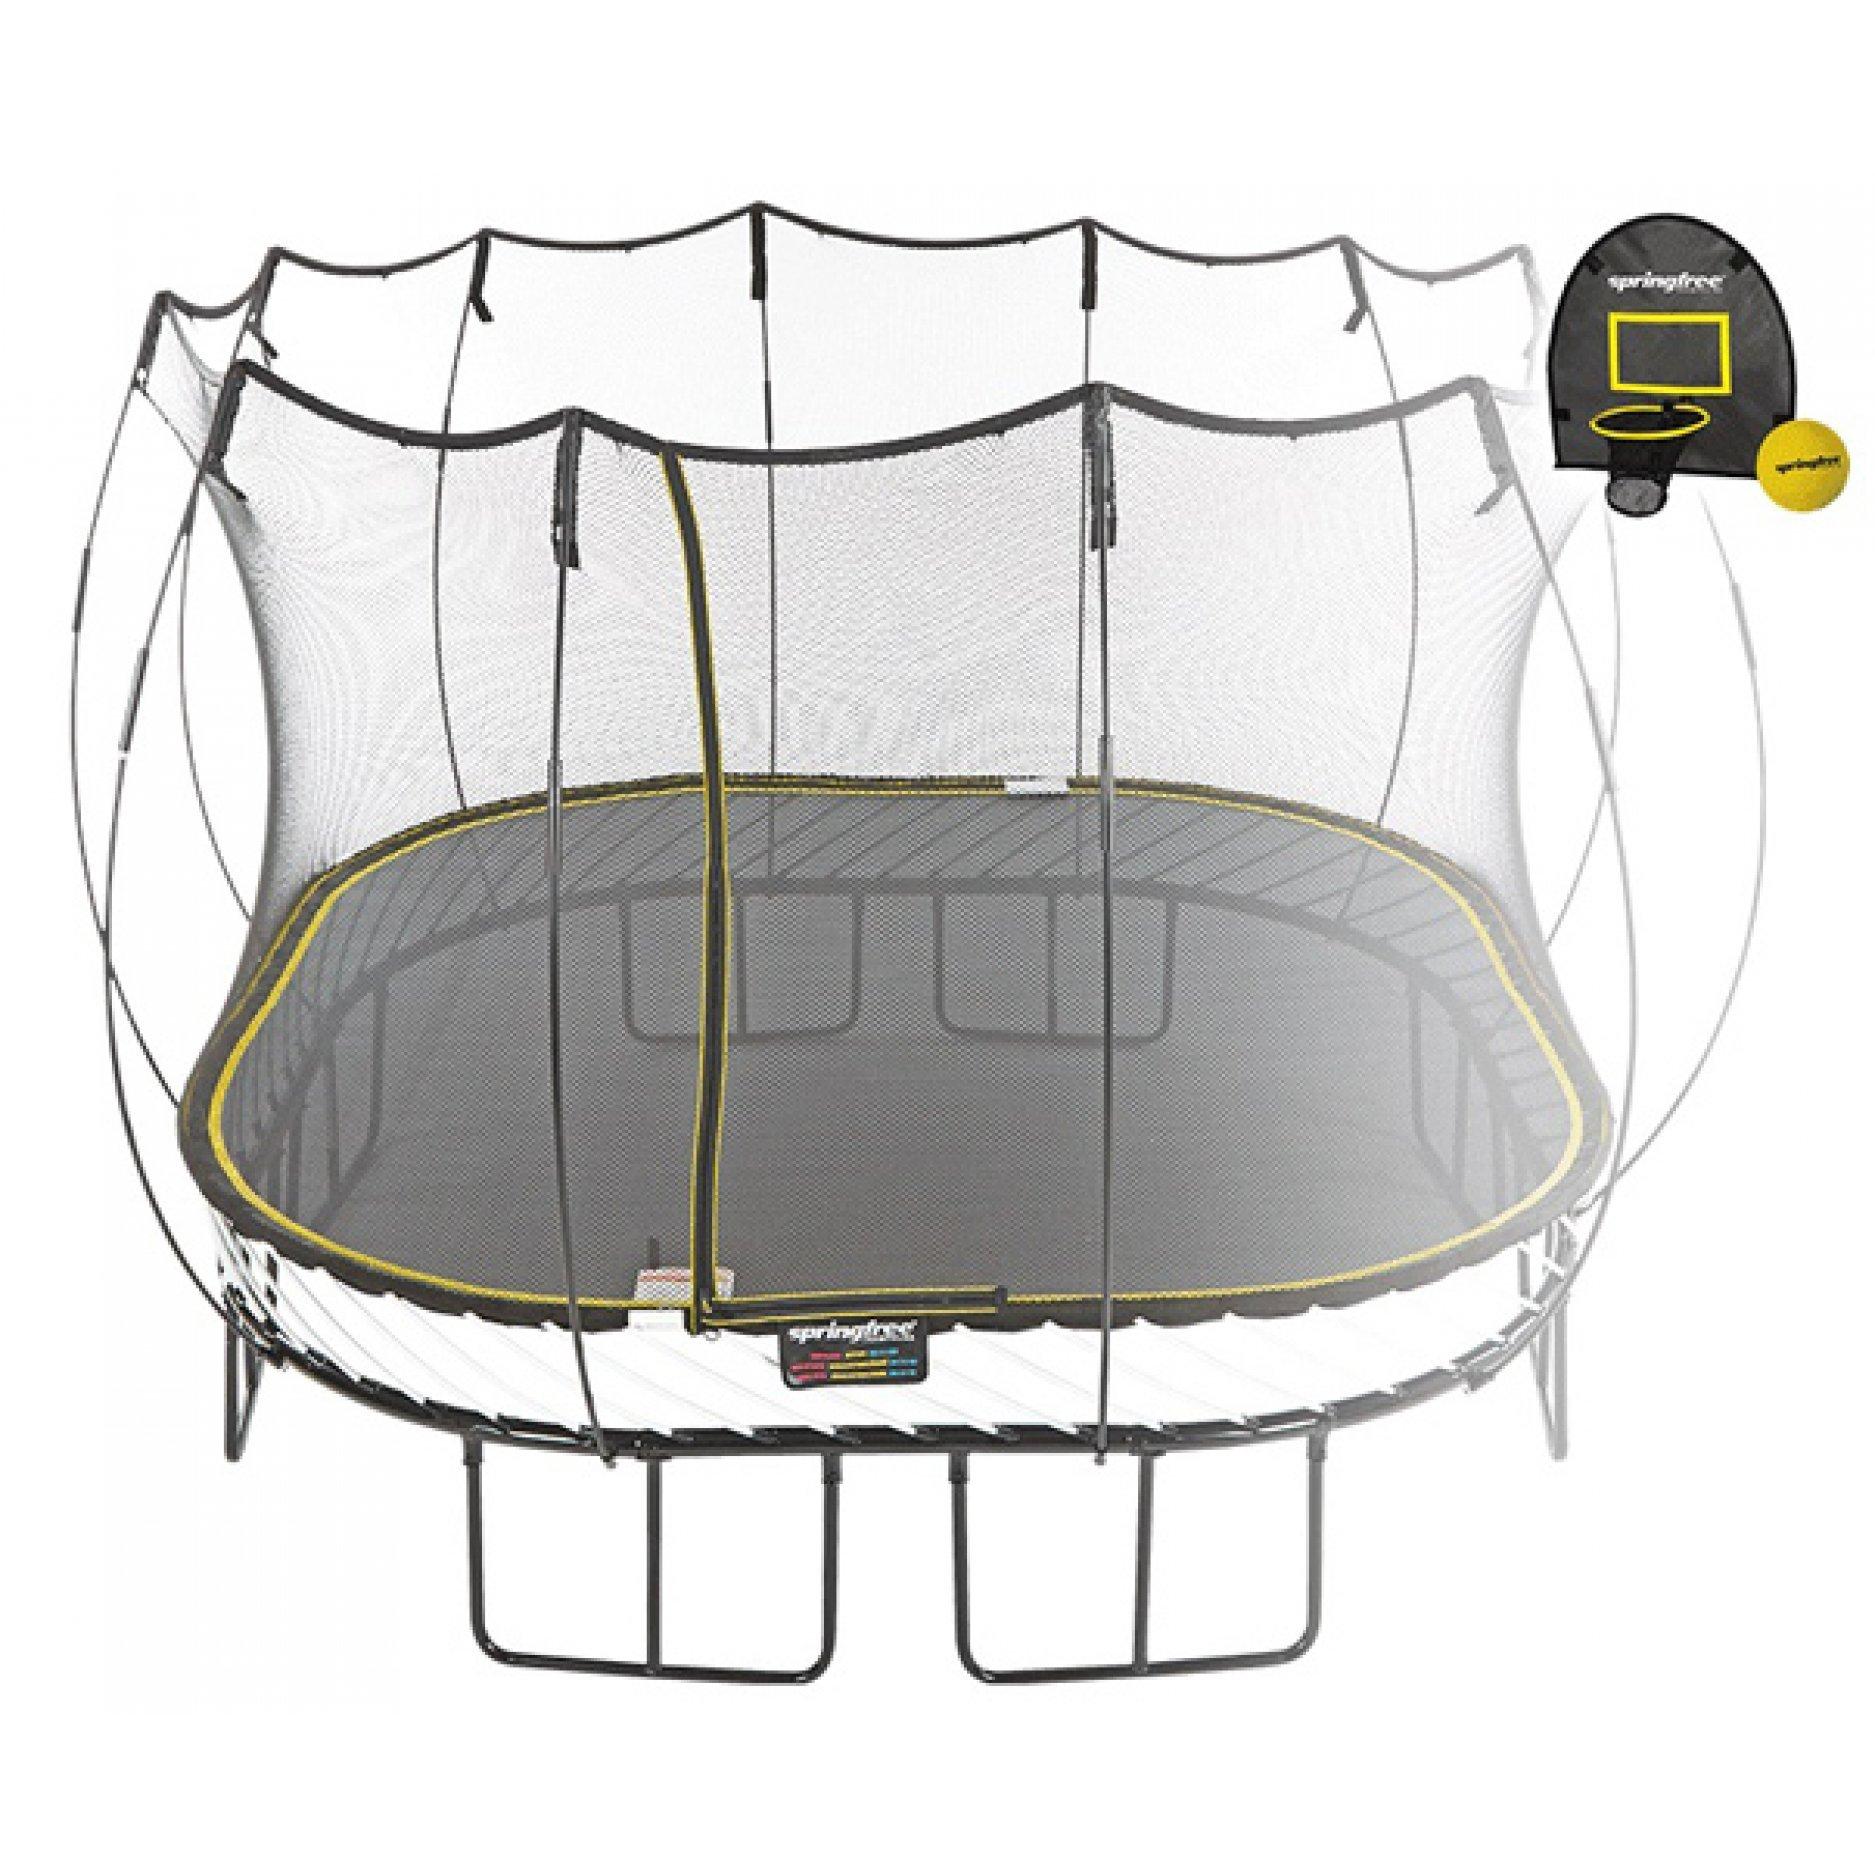 Батут квадратный Springfree S113 H с корзиной для мяча